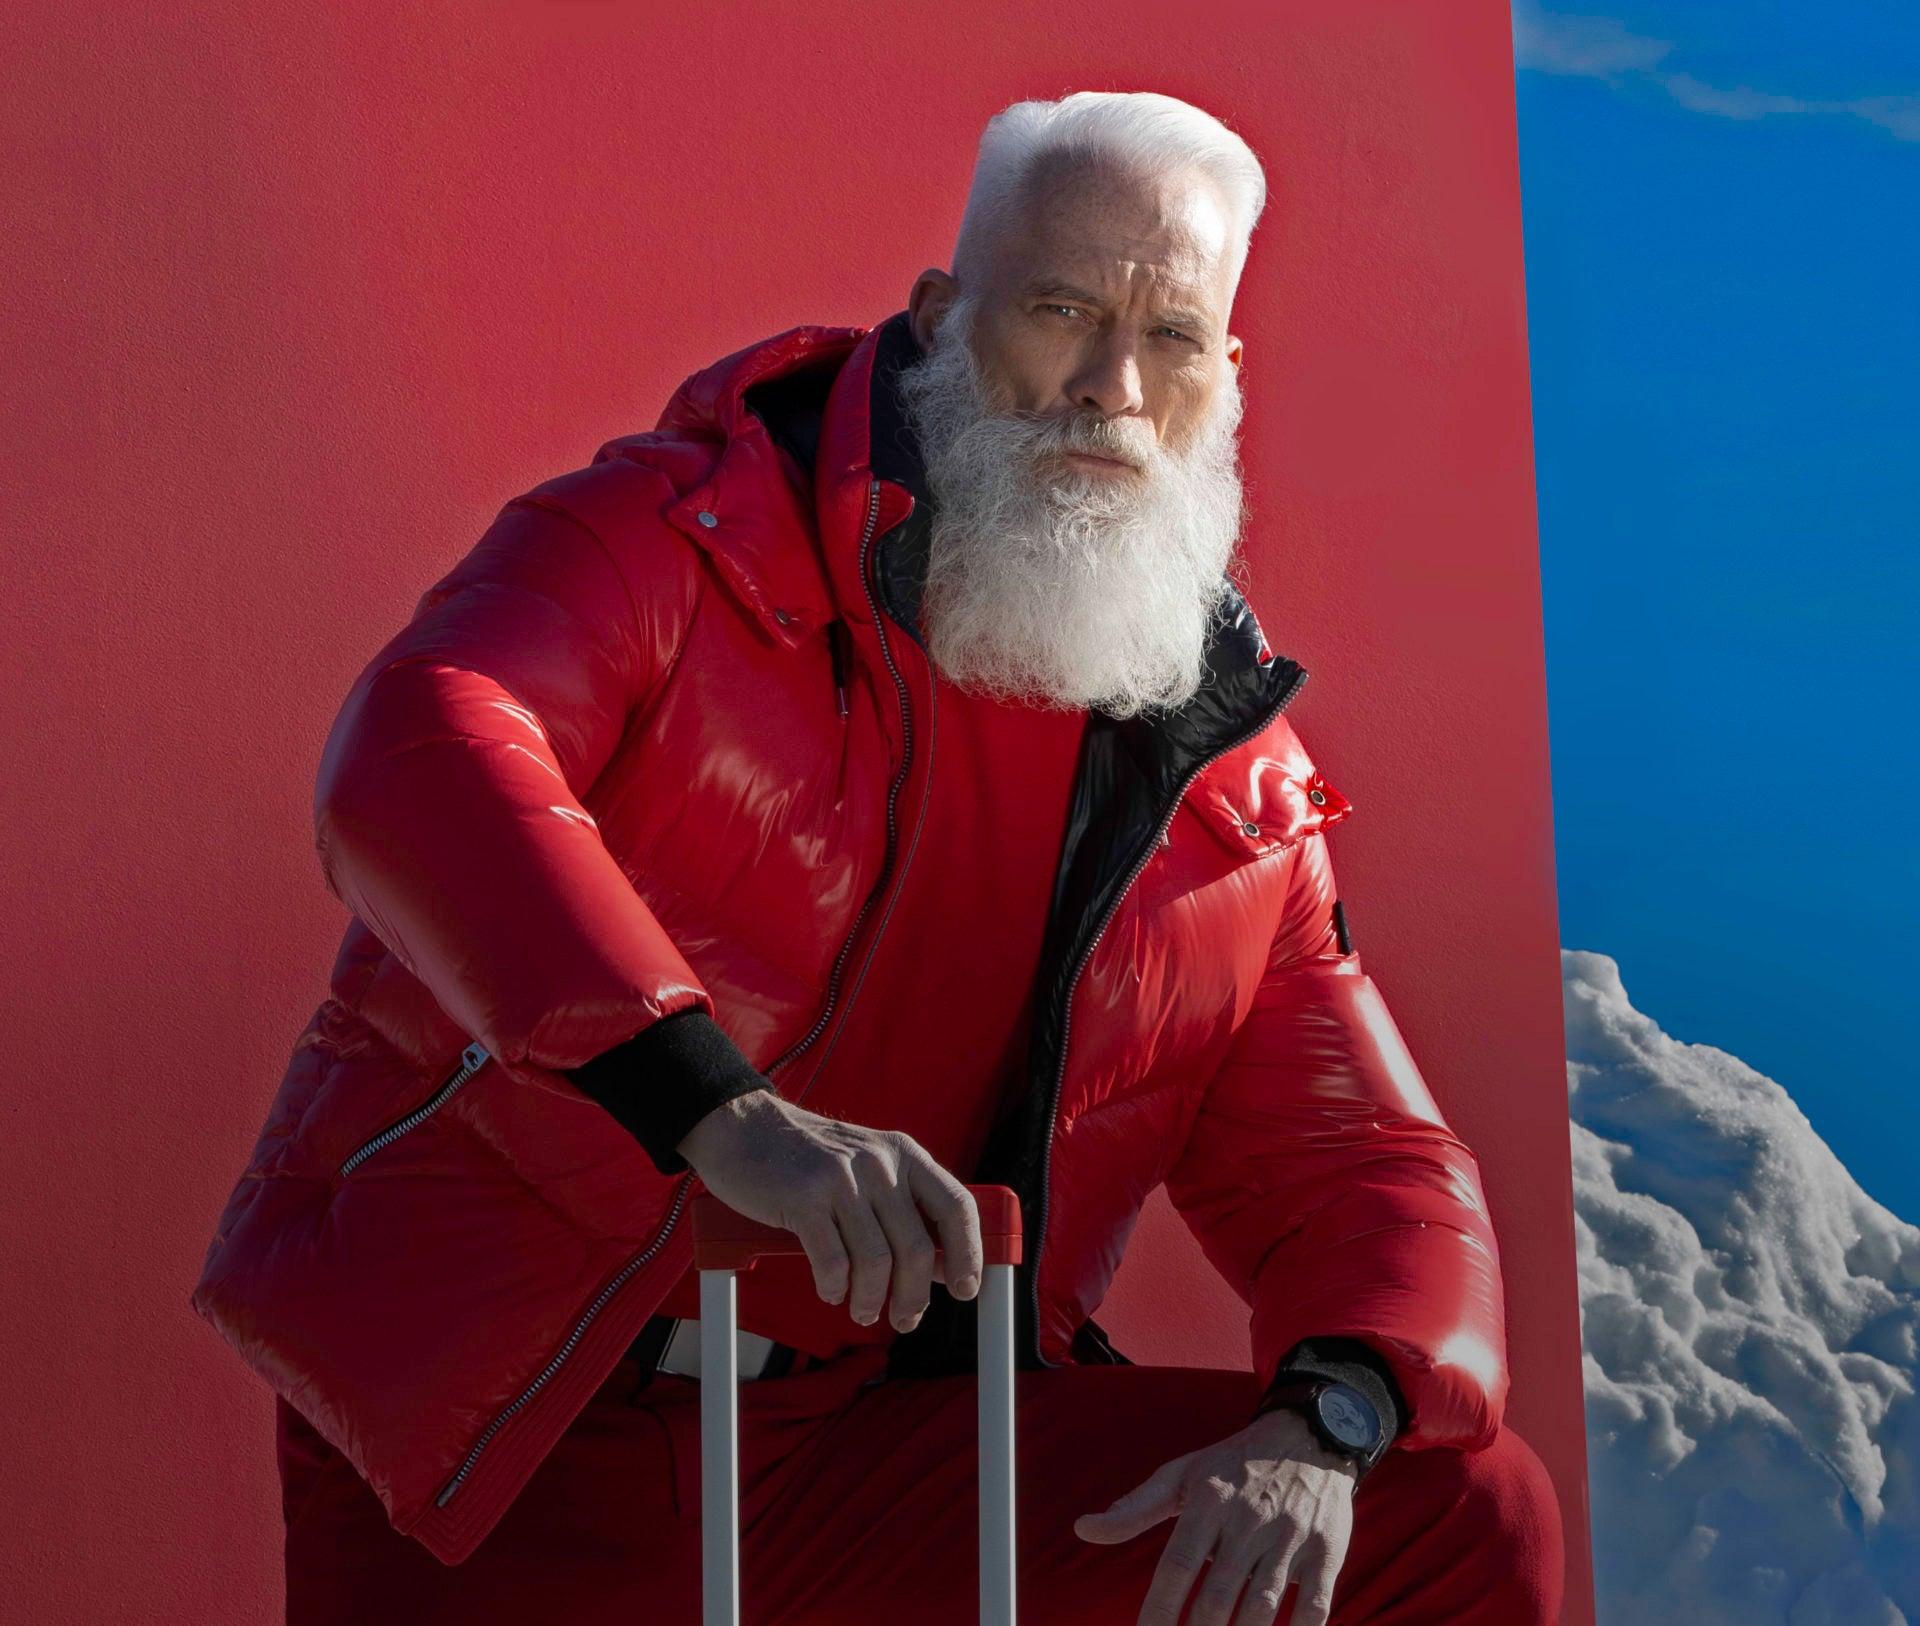 Fashion Santa shares his Gifting and Travel Tips to make